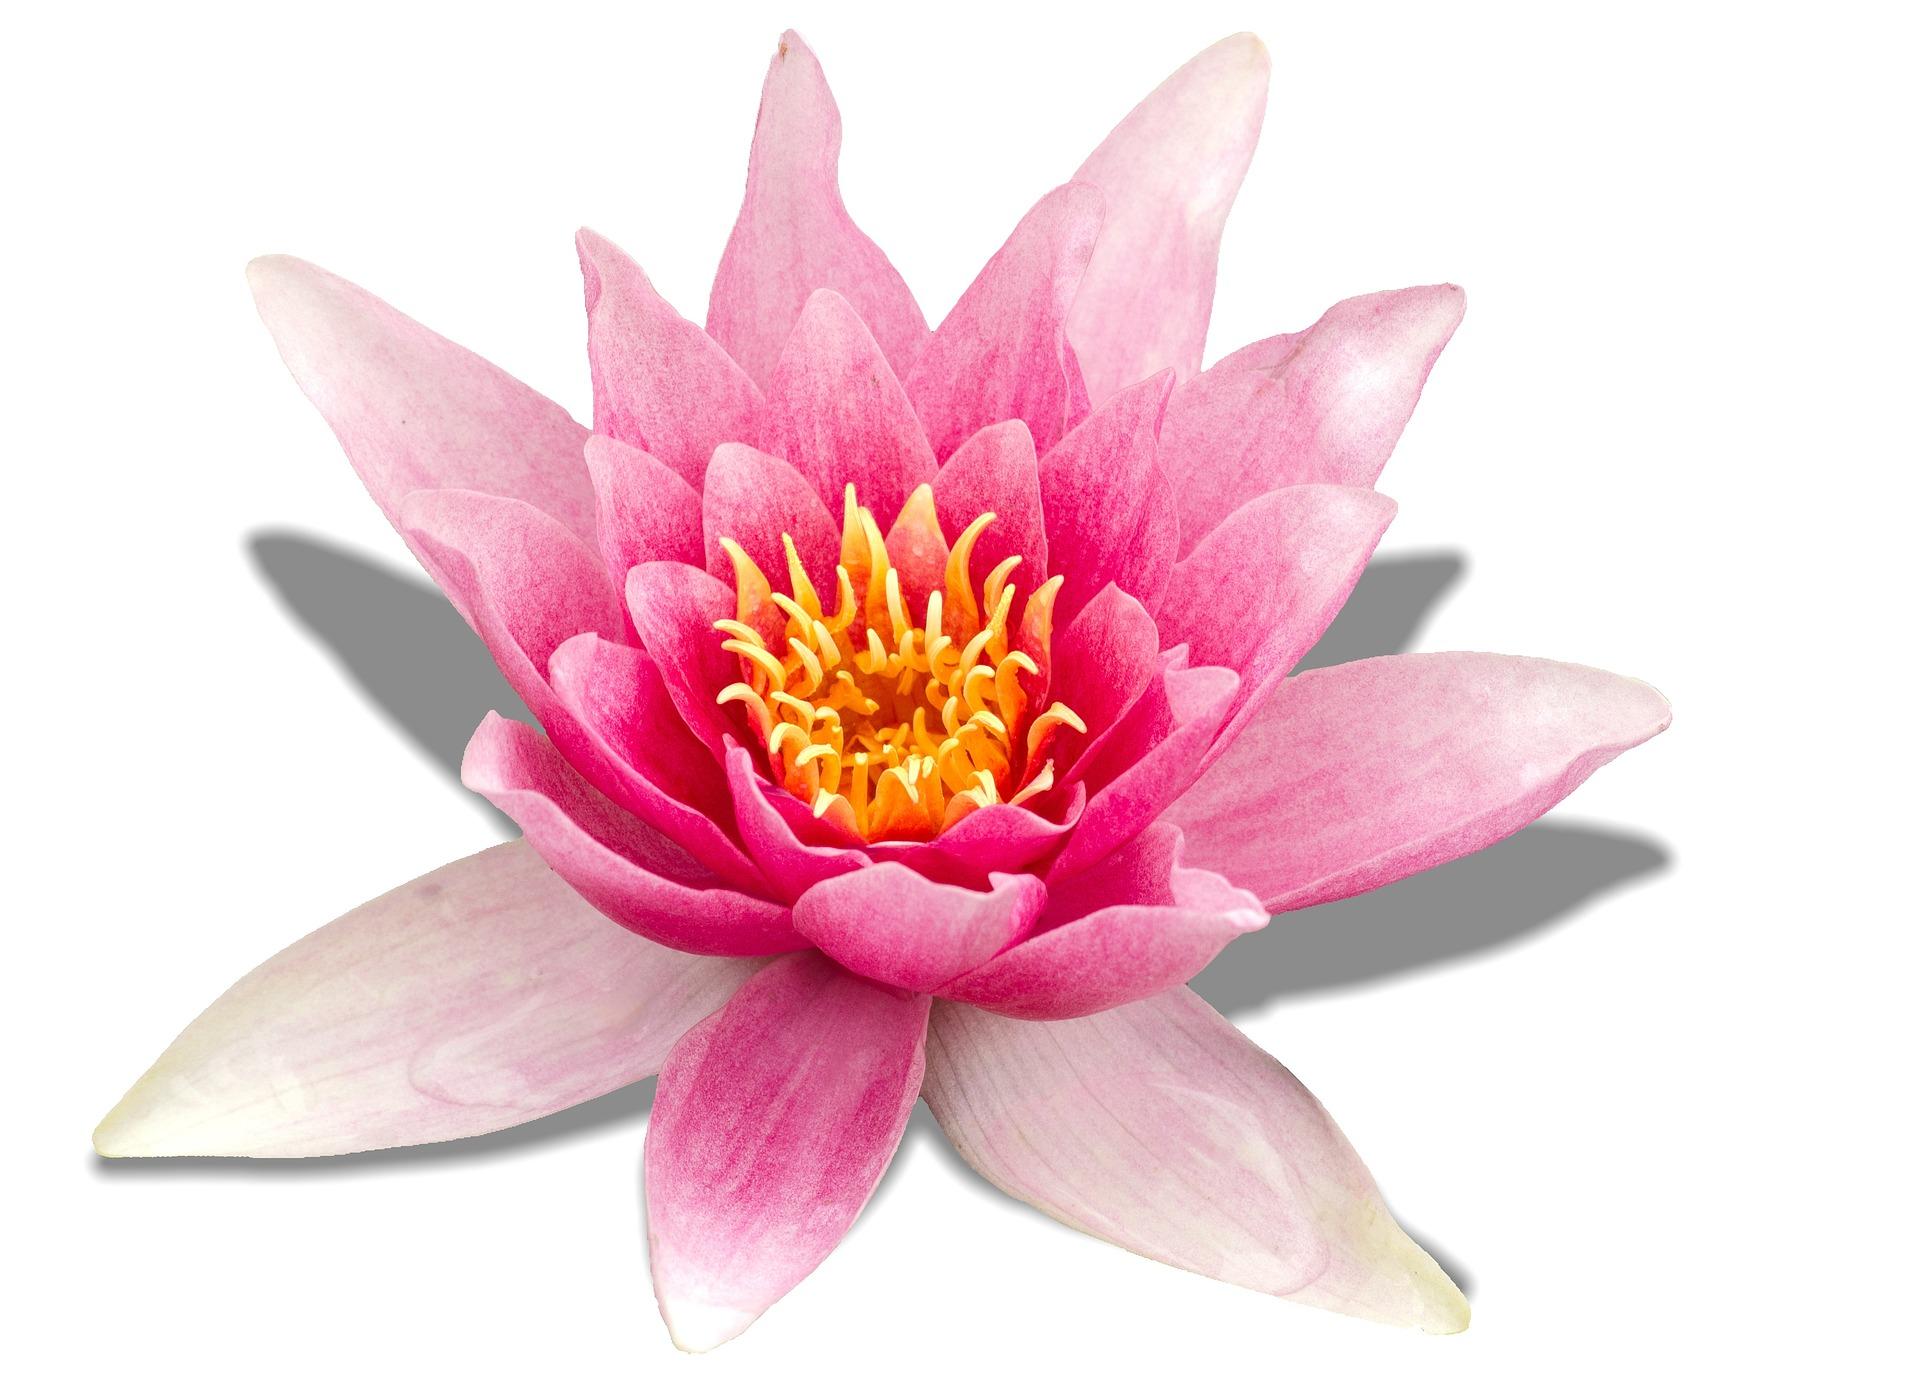 연꽃그림 리얼리티